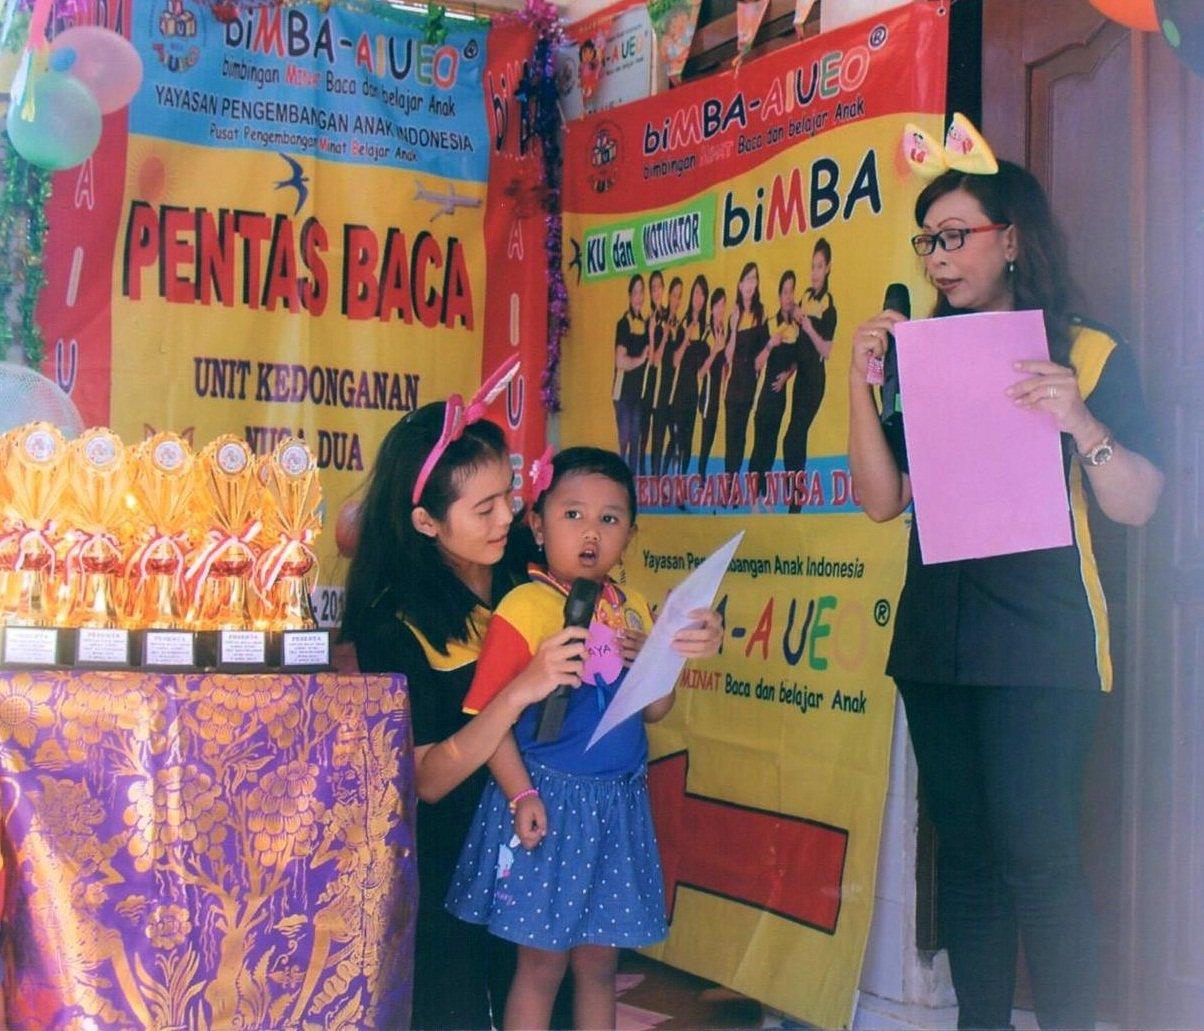 Pentas Baca Anak Unit Kedonganan Nusa Dua